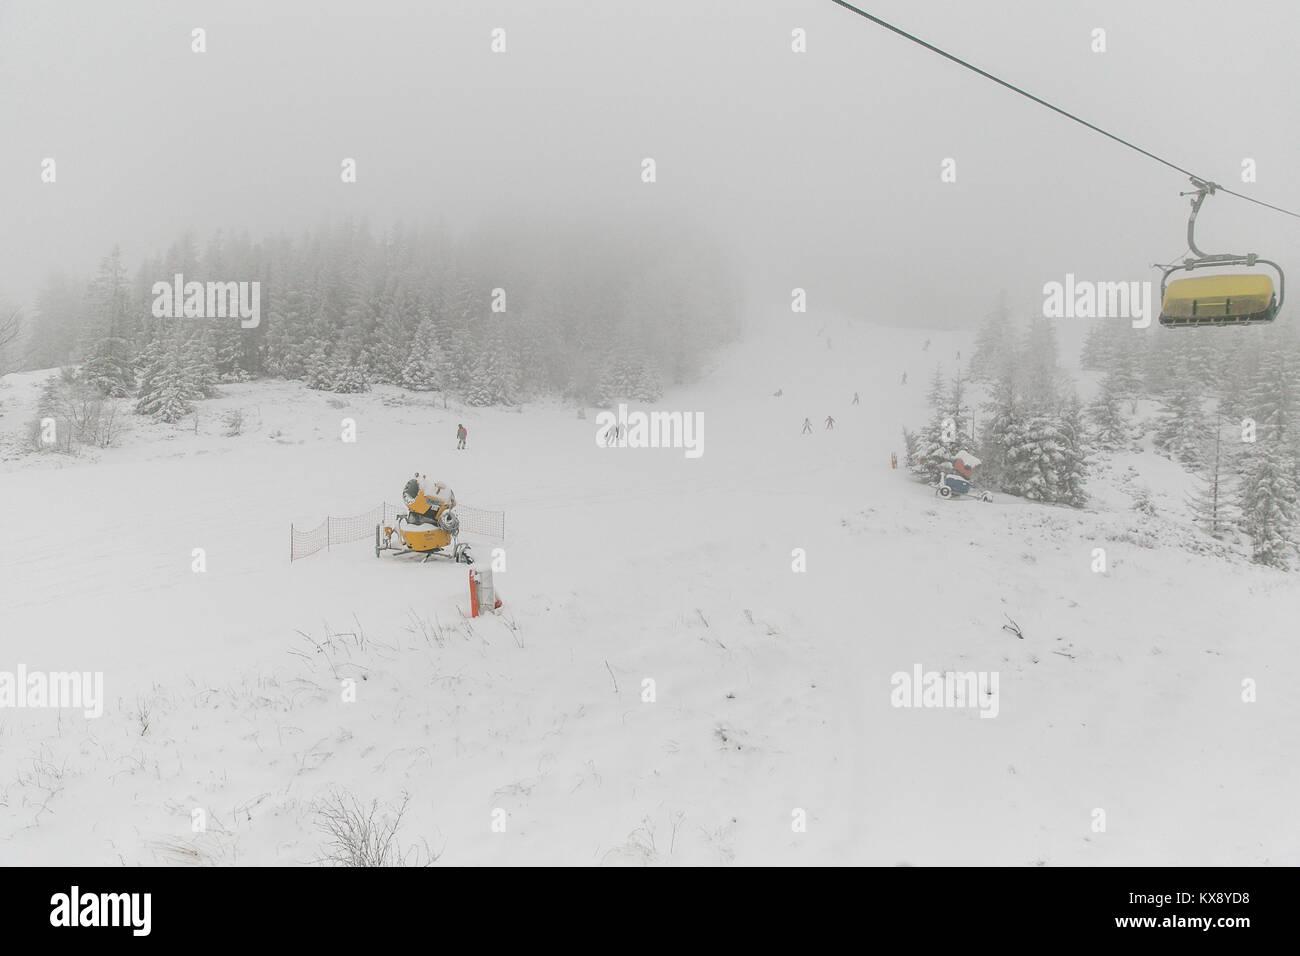 Menschen Skifahren und Snowboarden auf den Berg Skrzyczne nach starker Schneefall auf einem nebligen Wintertag in Szczyrk ski resort in Polen Stockfoto